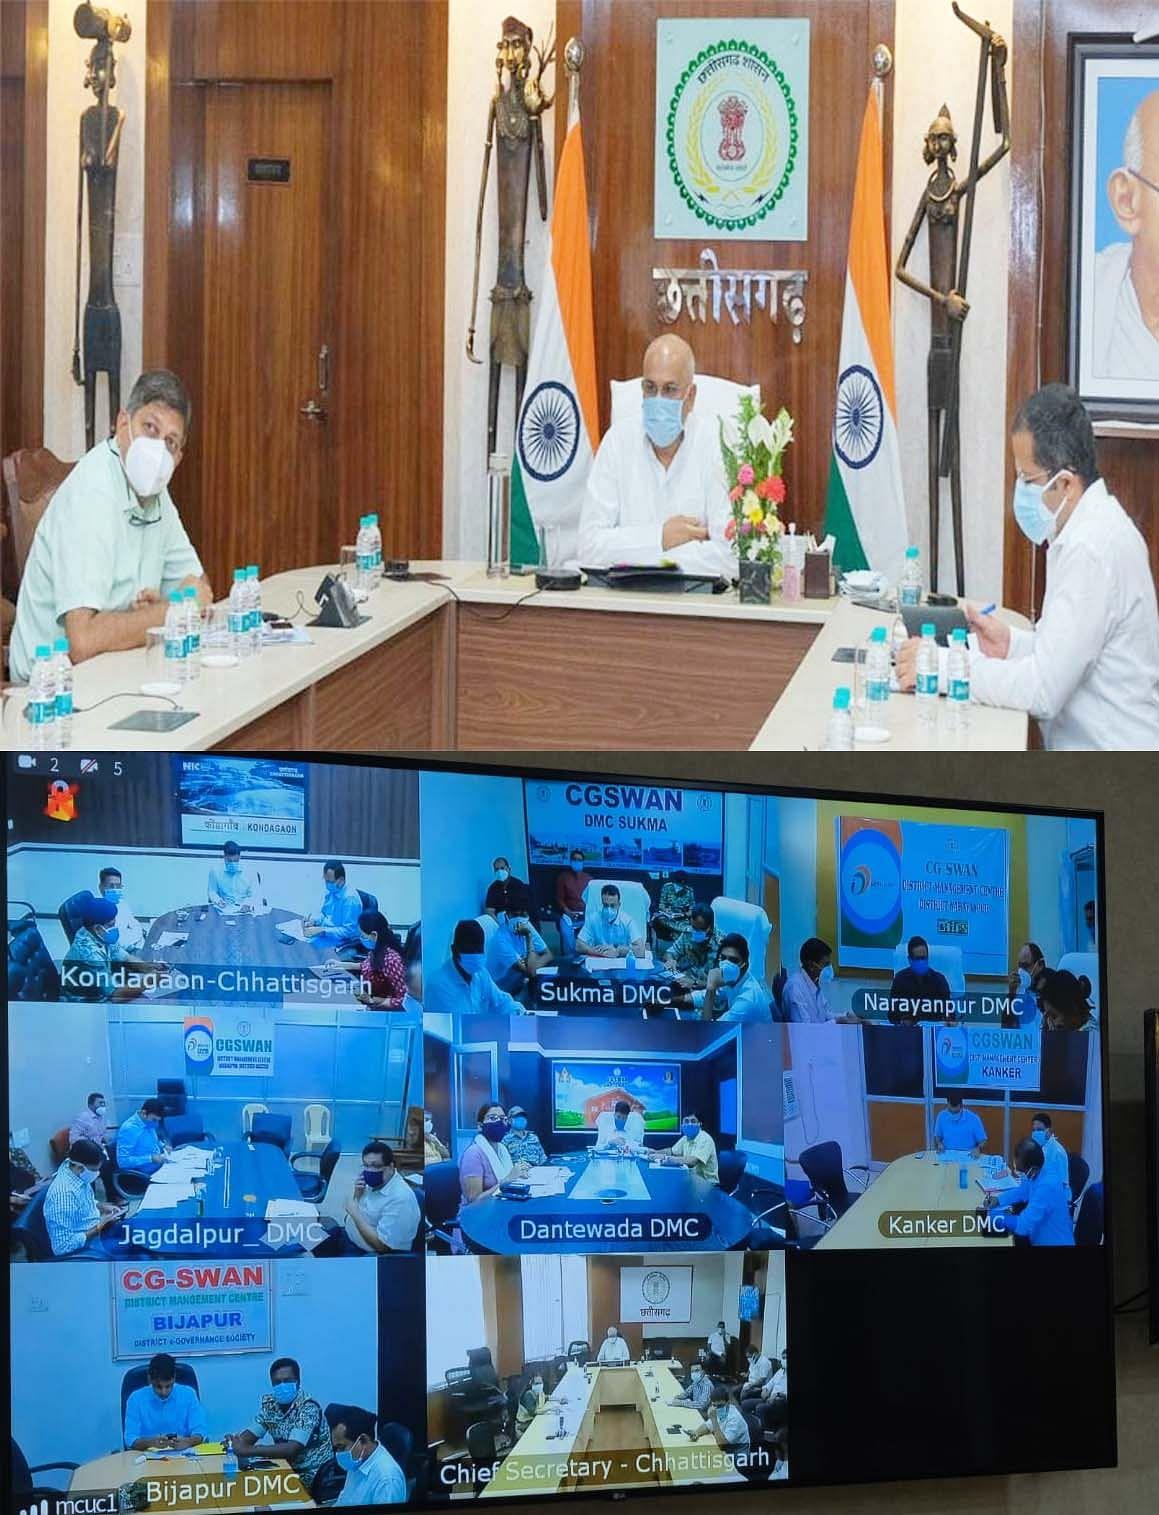 रायपुर : मुख्यमंत्री भूपेश ने बस्तर संभाग में कोरोना की स्थिति और नियंत्रण के उपायों की समीक्षा की